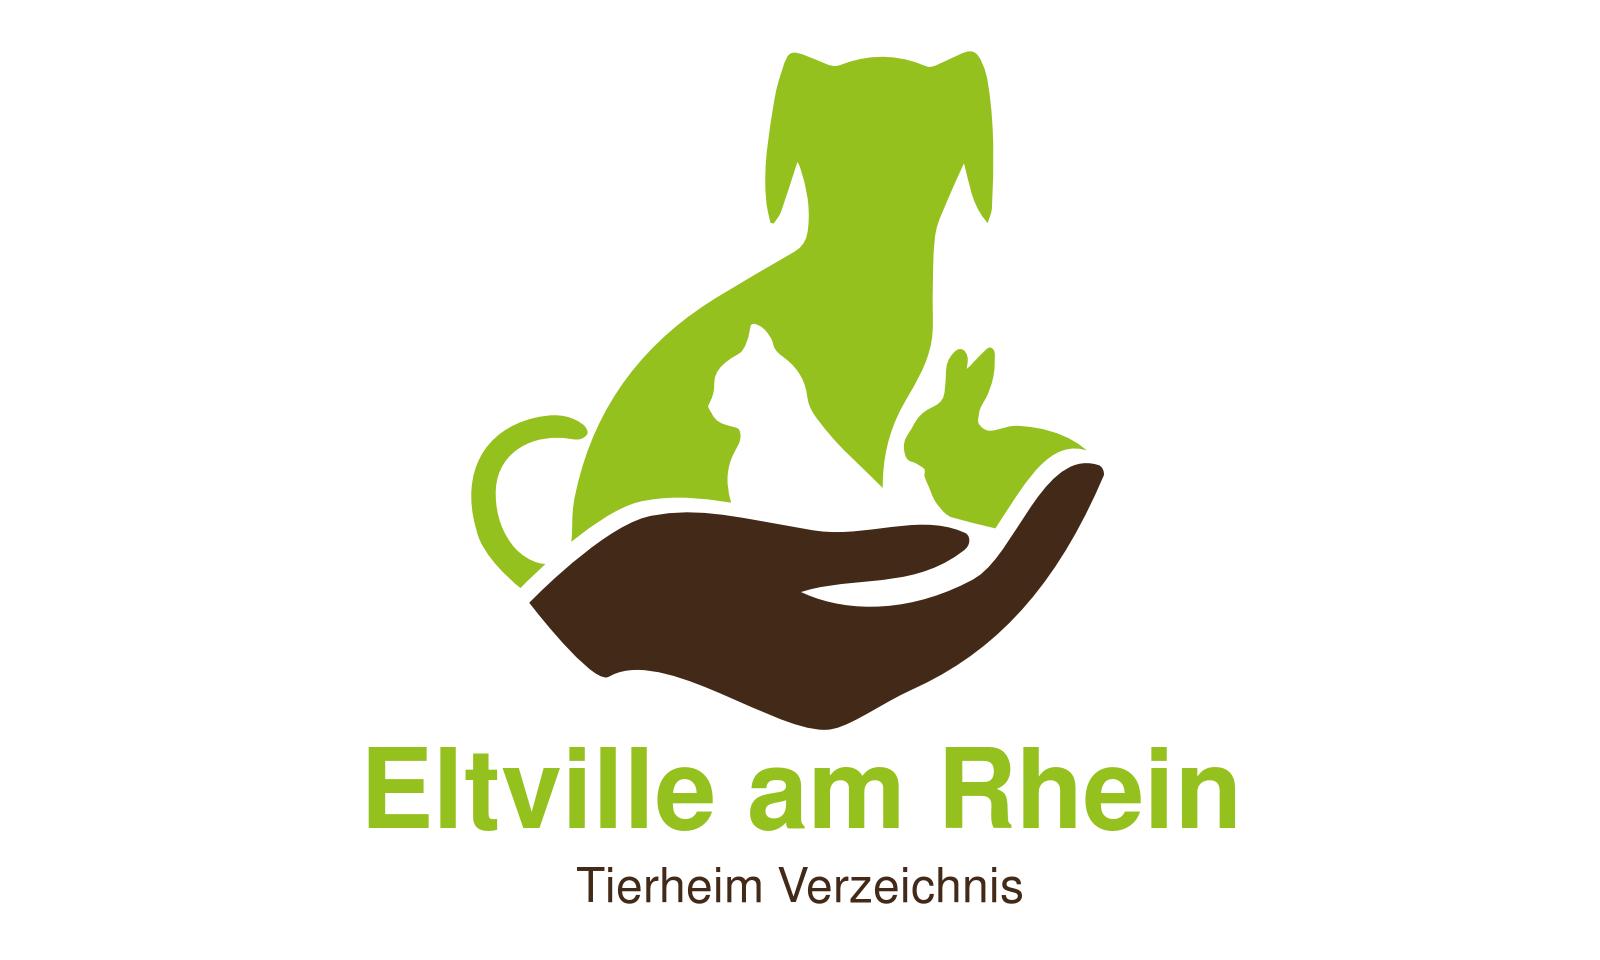 Tierheim Eltville am Rhein